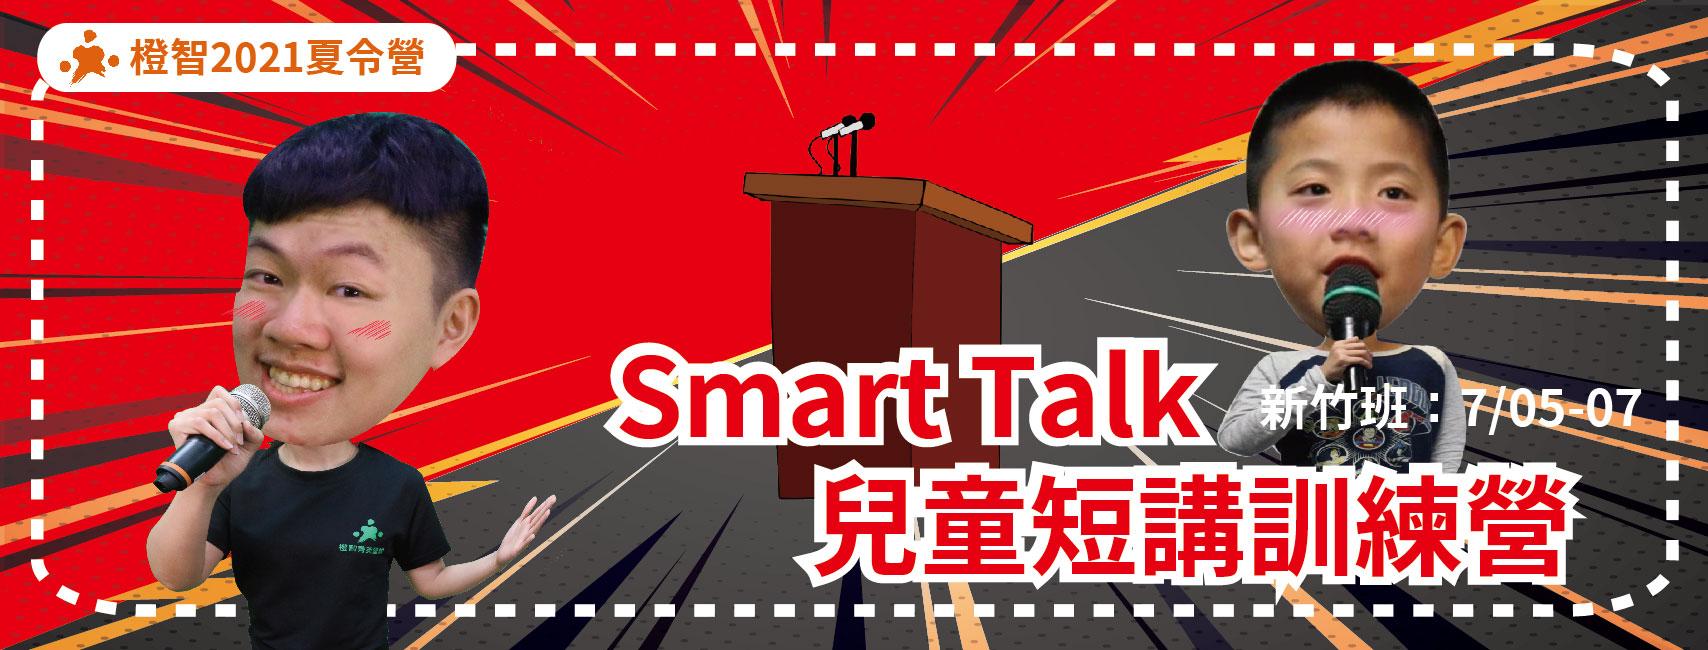 2021夏令營-Smart Talk兒童短講訓練營 新竹班(兒童營隊)